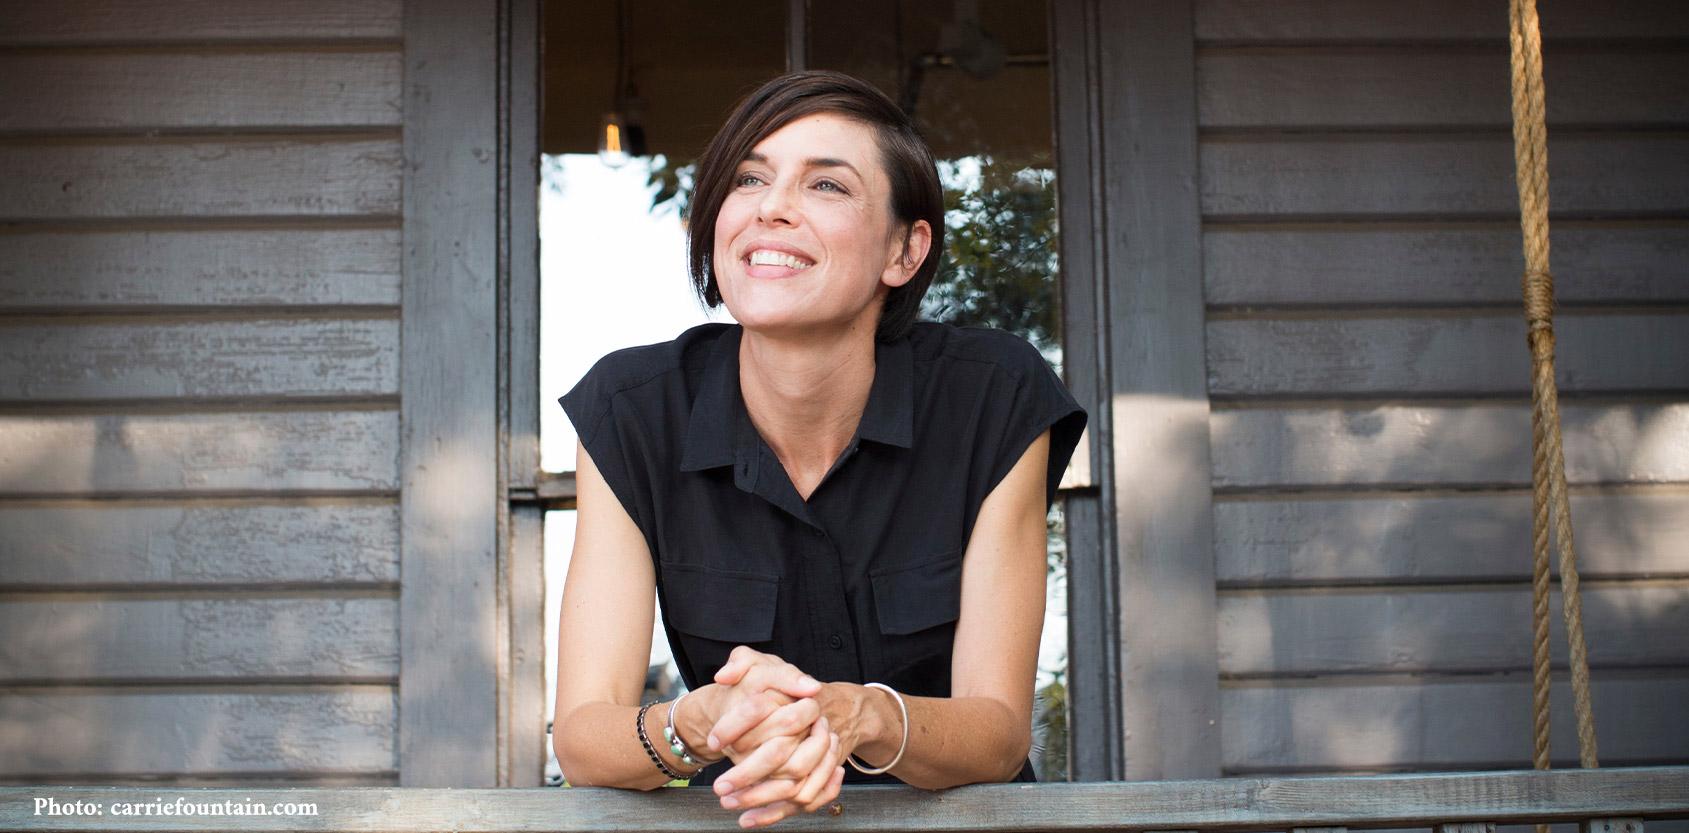 Carrie Fountain Author